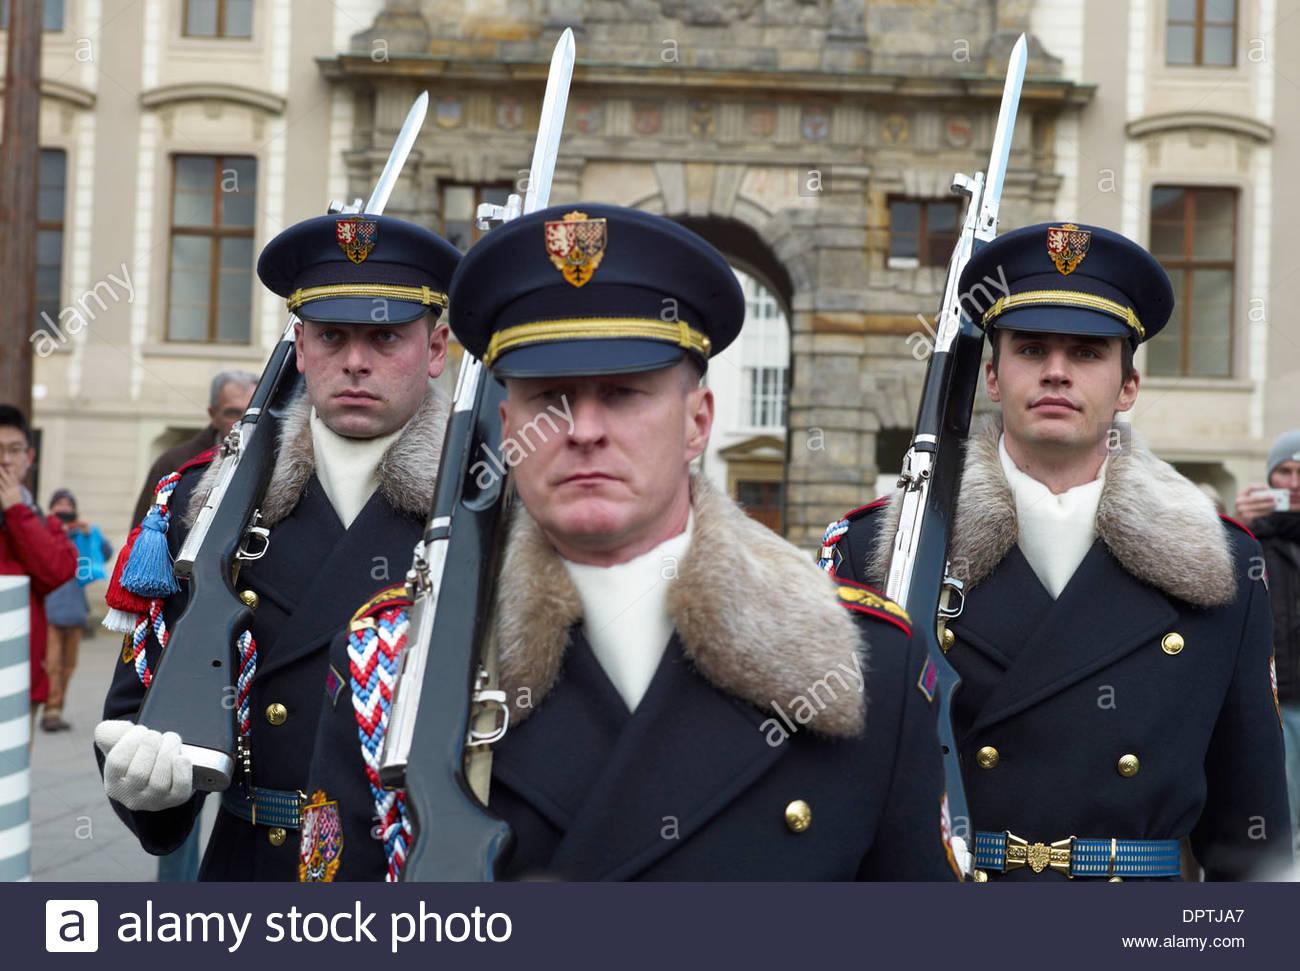 Le protezioni del castello al Castello di Praga o di Hradcany sede del presidente ceco. Repubblica ceca Immagini Stock